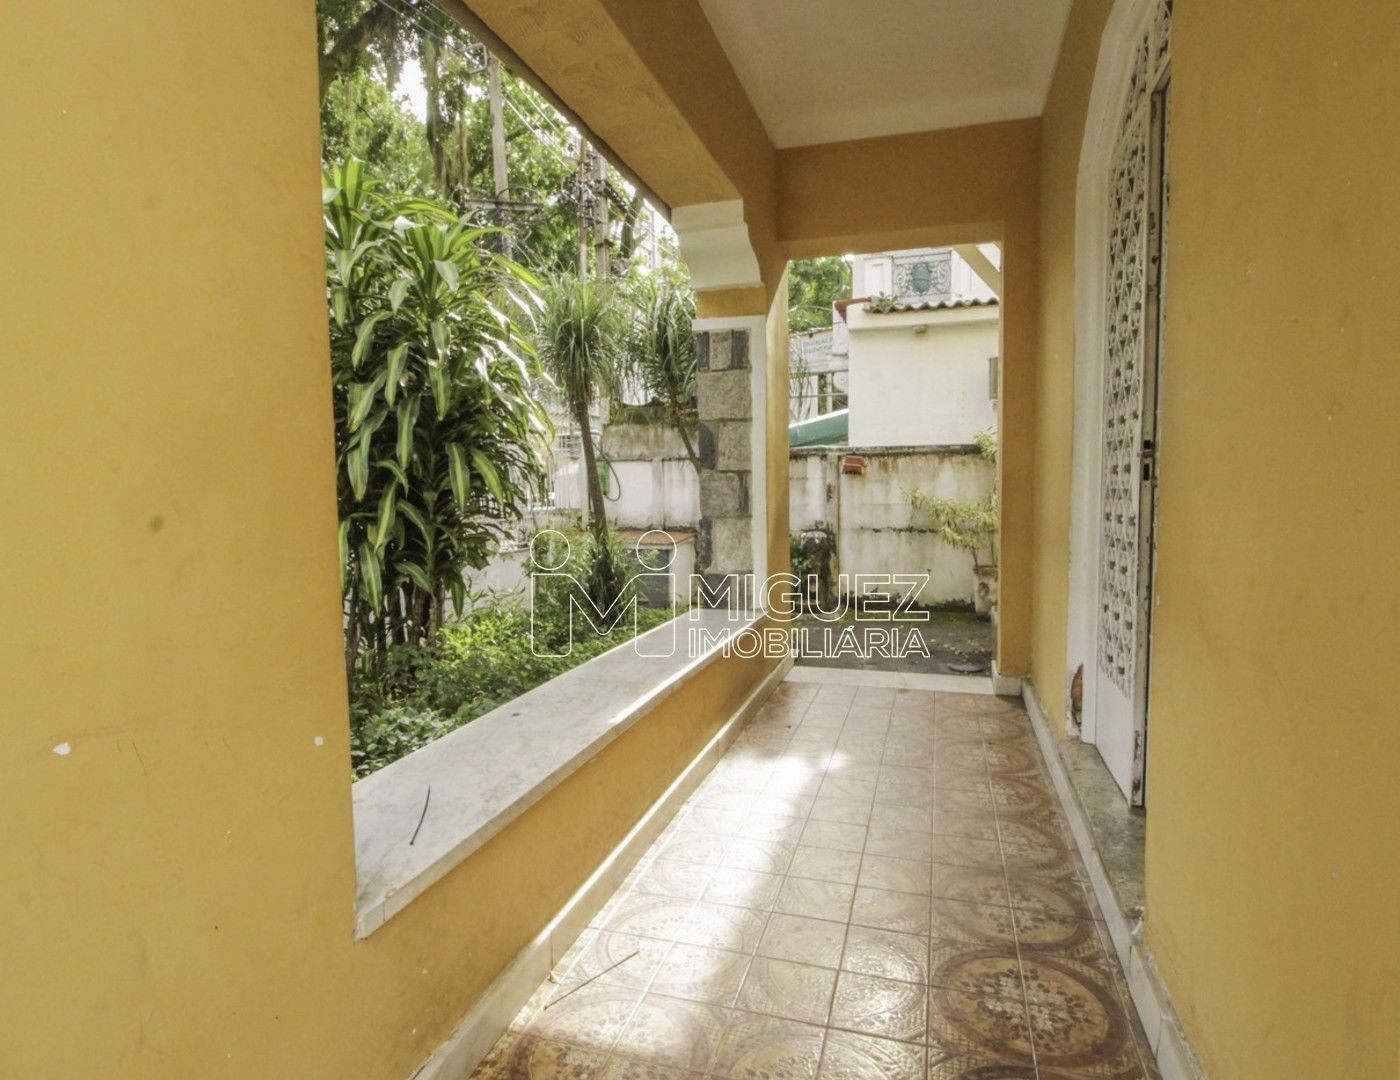 Casa, venda, Avenida Paula Sousa - Tijuca , Rio de janeiro